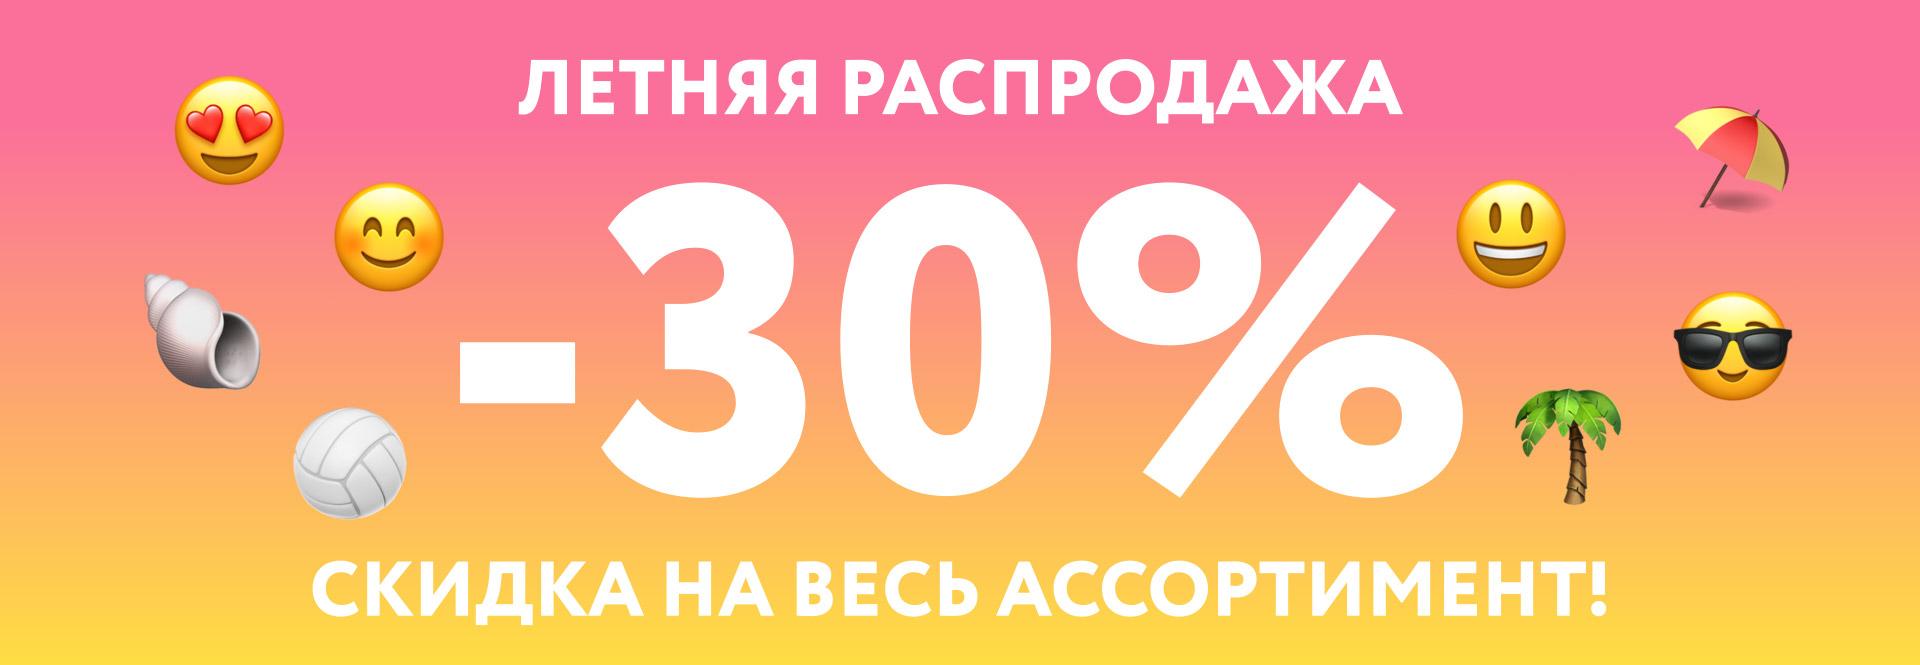 Оставайтесь дома! Скидка -30% на весь ассортимент